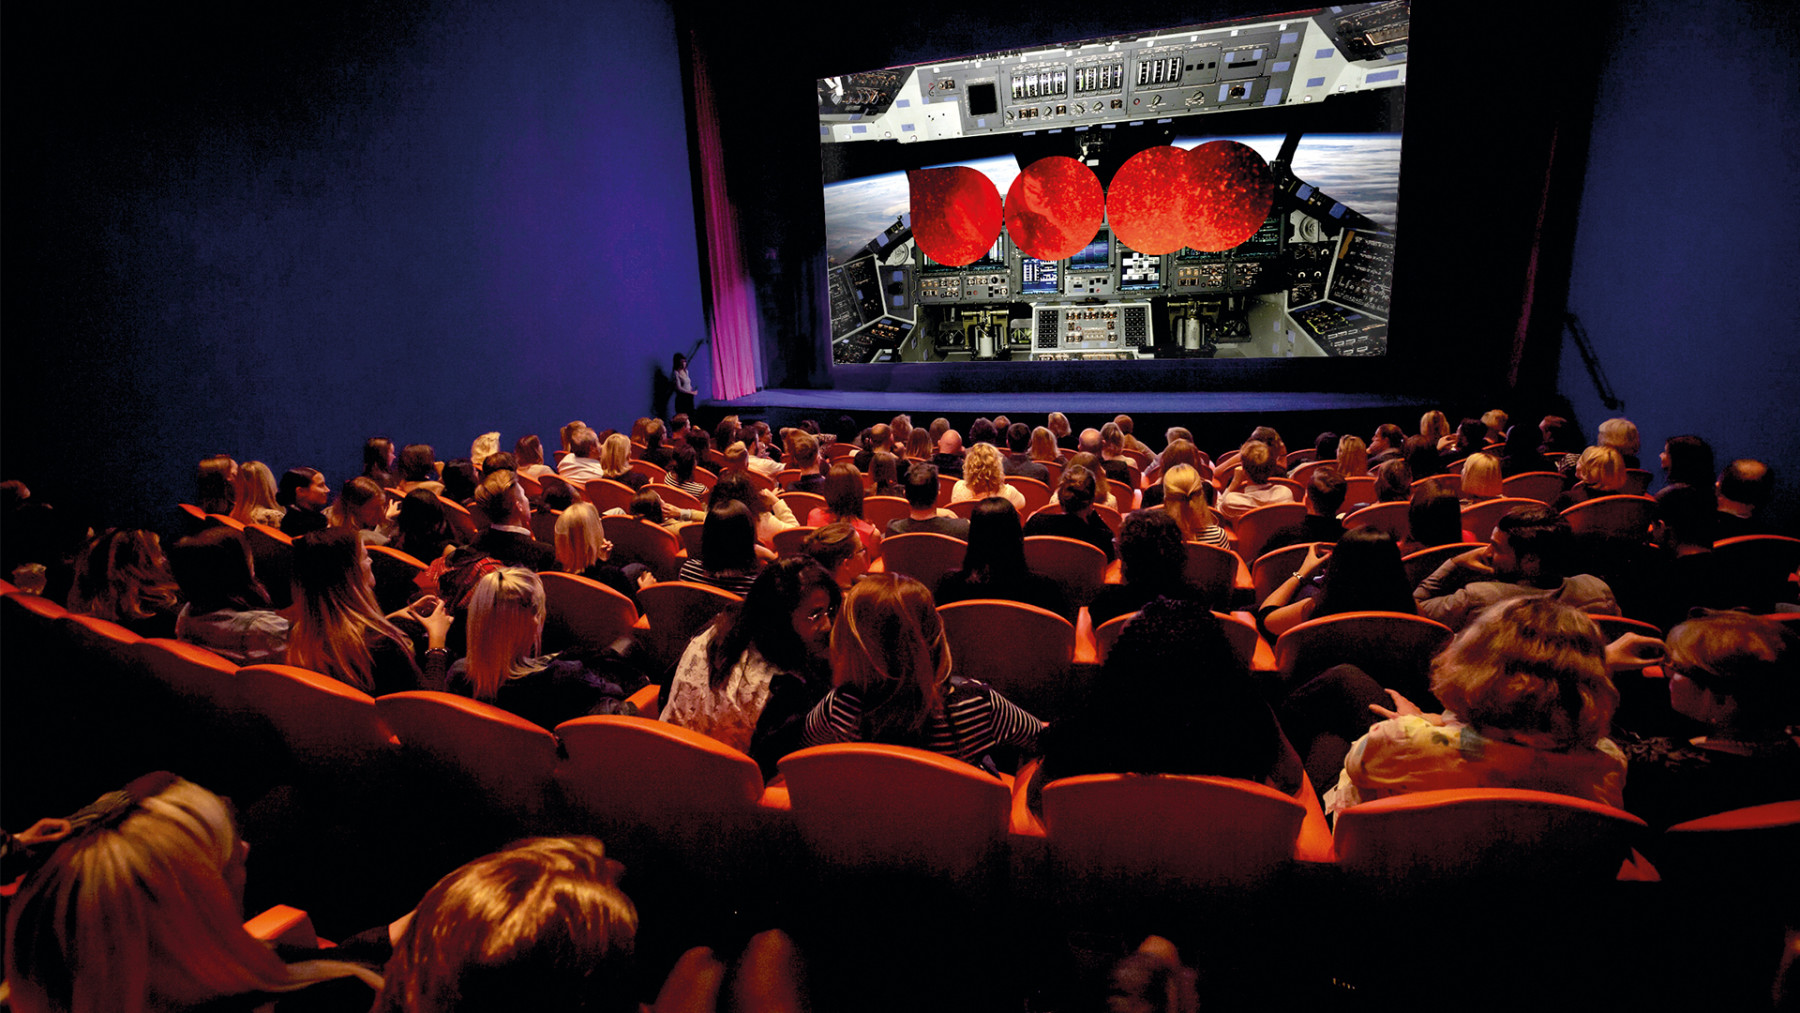 Счетная палата предложила министерству пересмотреть принцип господдержки кинематографа